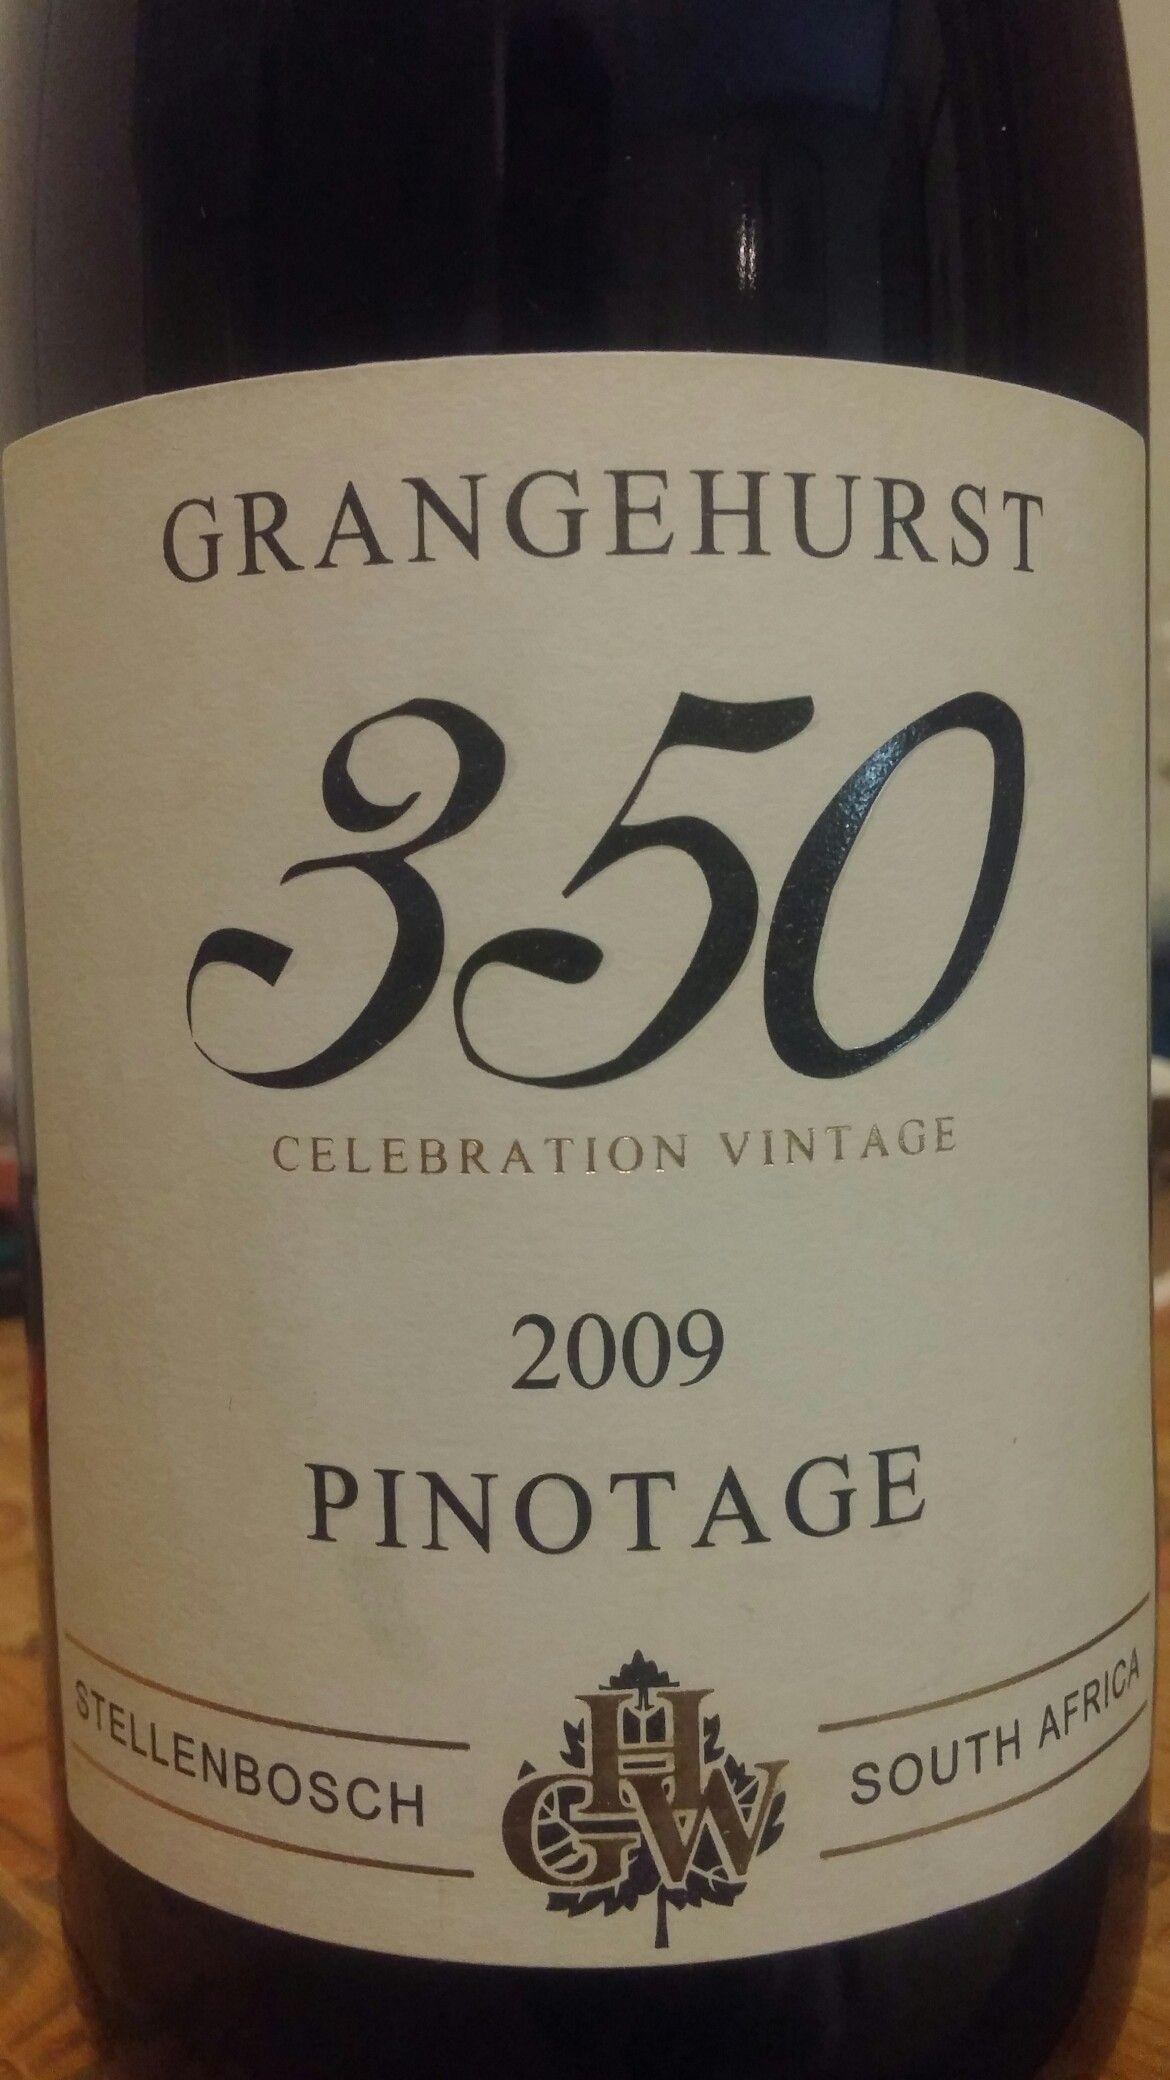 Grangehurst 350 Celebration Vintage Stellenbosch Pinotage 2009 Southafrica Wine Miguelchan Pinotage Stellenbosch P Wine Journal Wine Lovers Wine Bottle